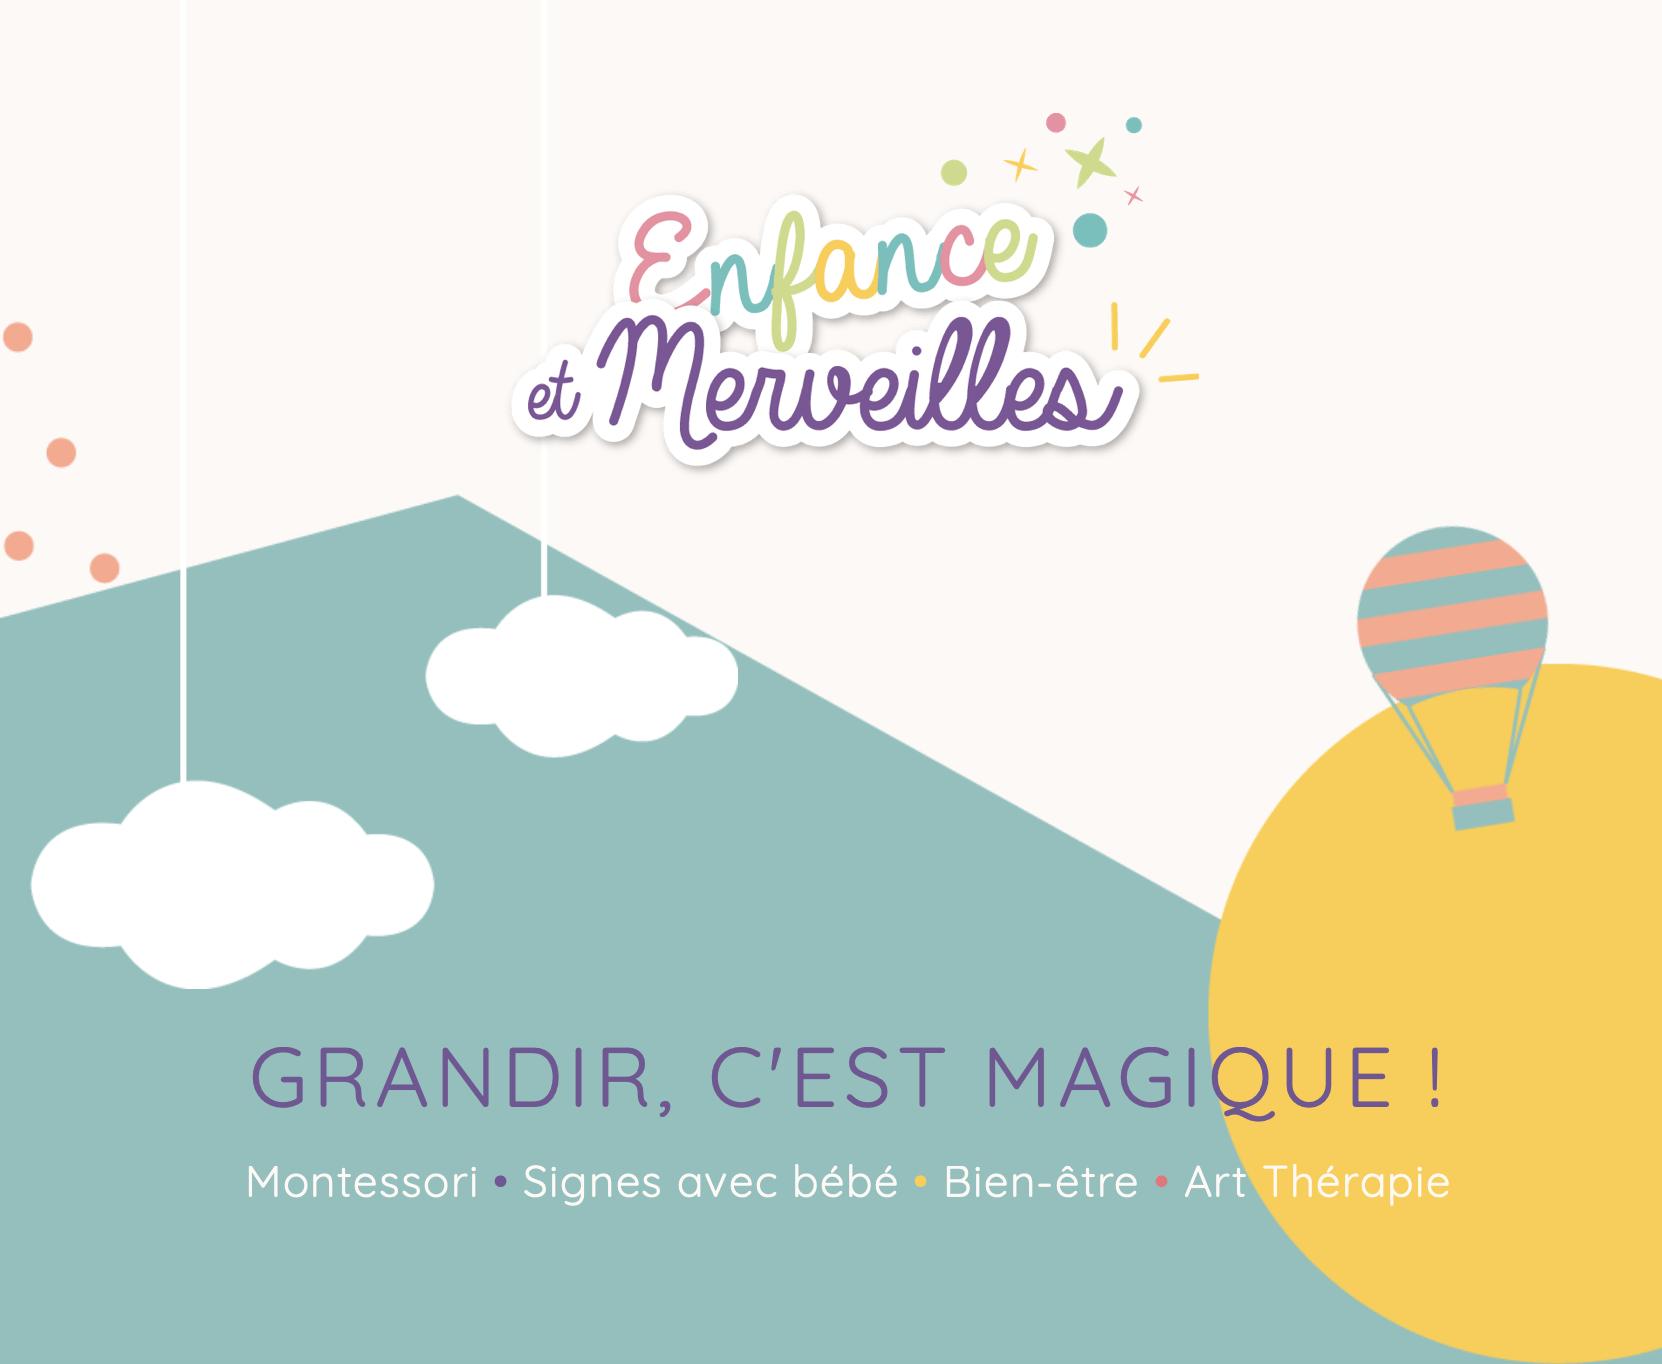 Création de site internet Inspir Communication pour Enfance et Merveilles Montessori Vendée France